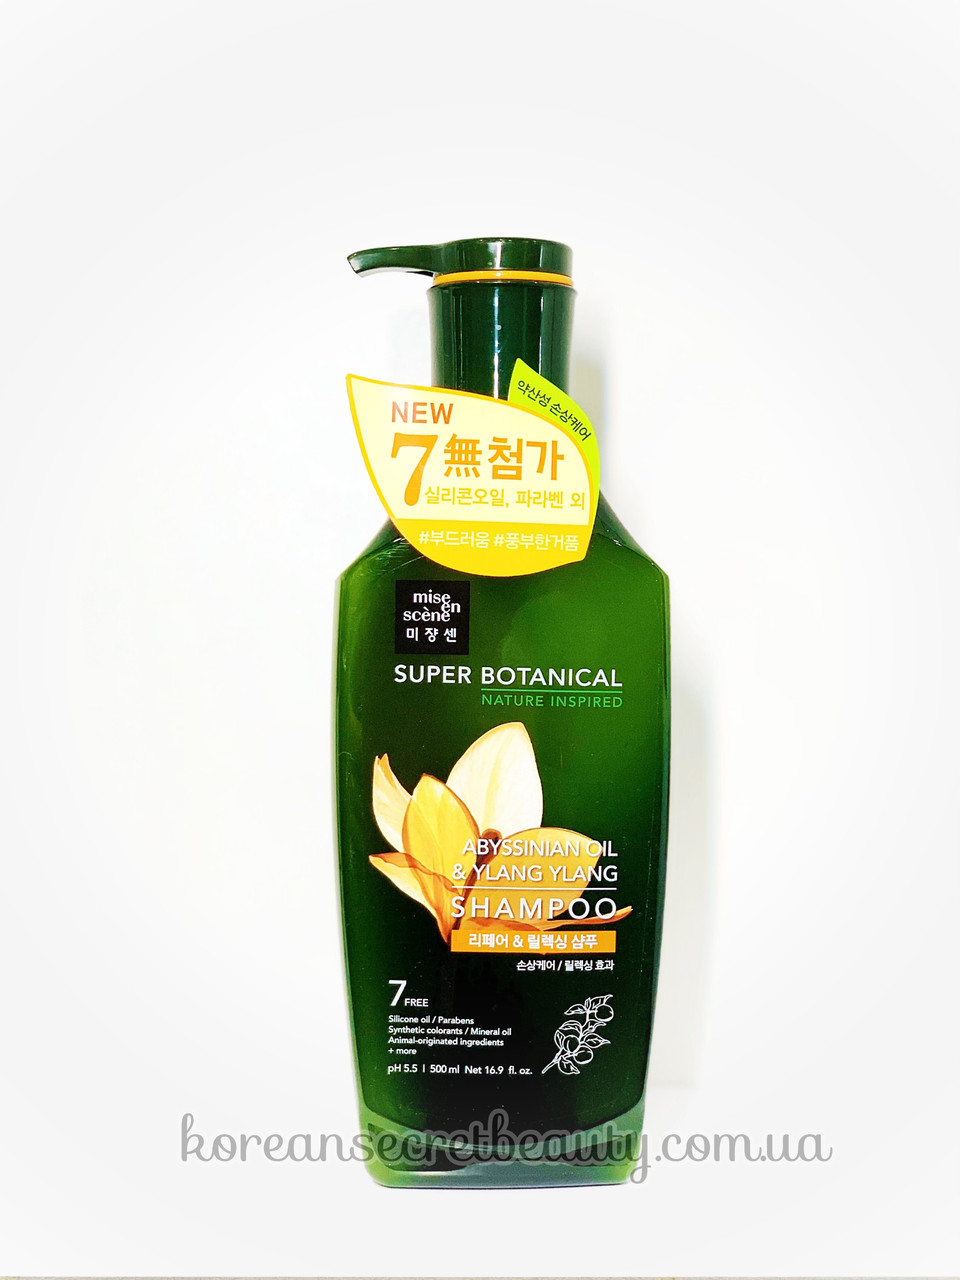 Многофункциональный шампунь для волос Mise en Scene Super Botanical Abyssinian Oil & Ylang Ylang shampoo